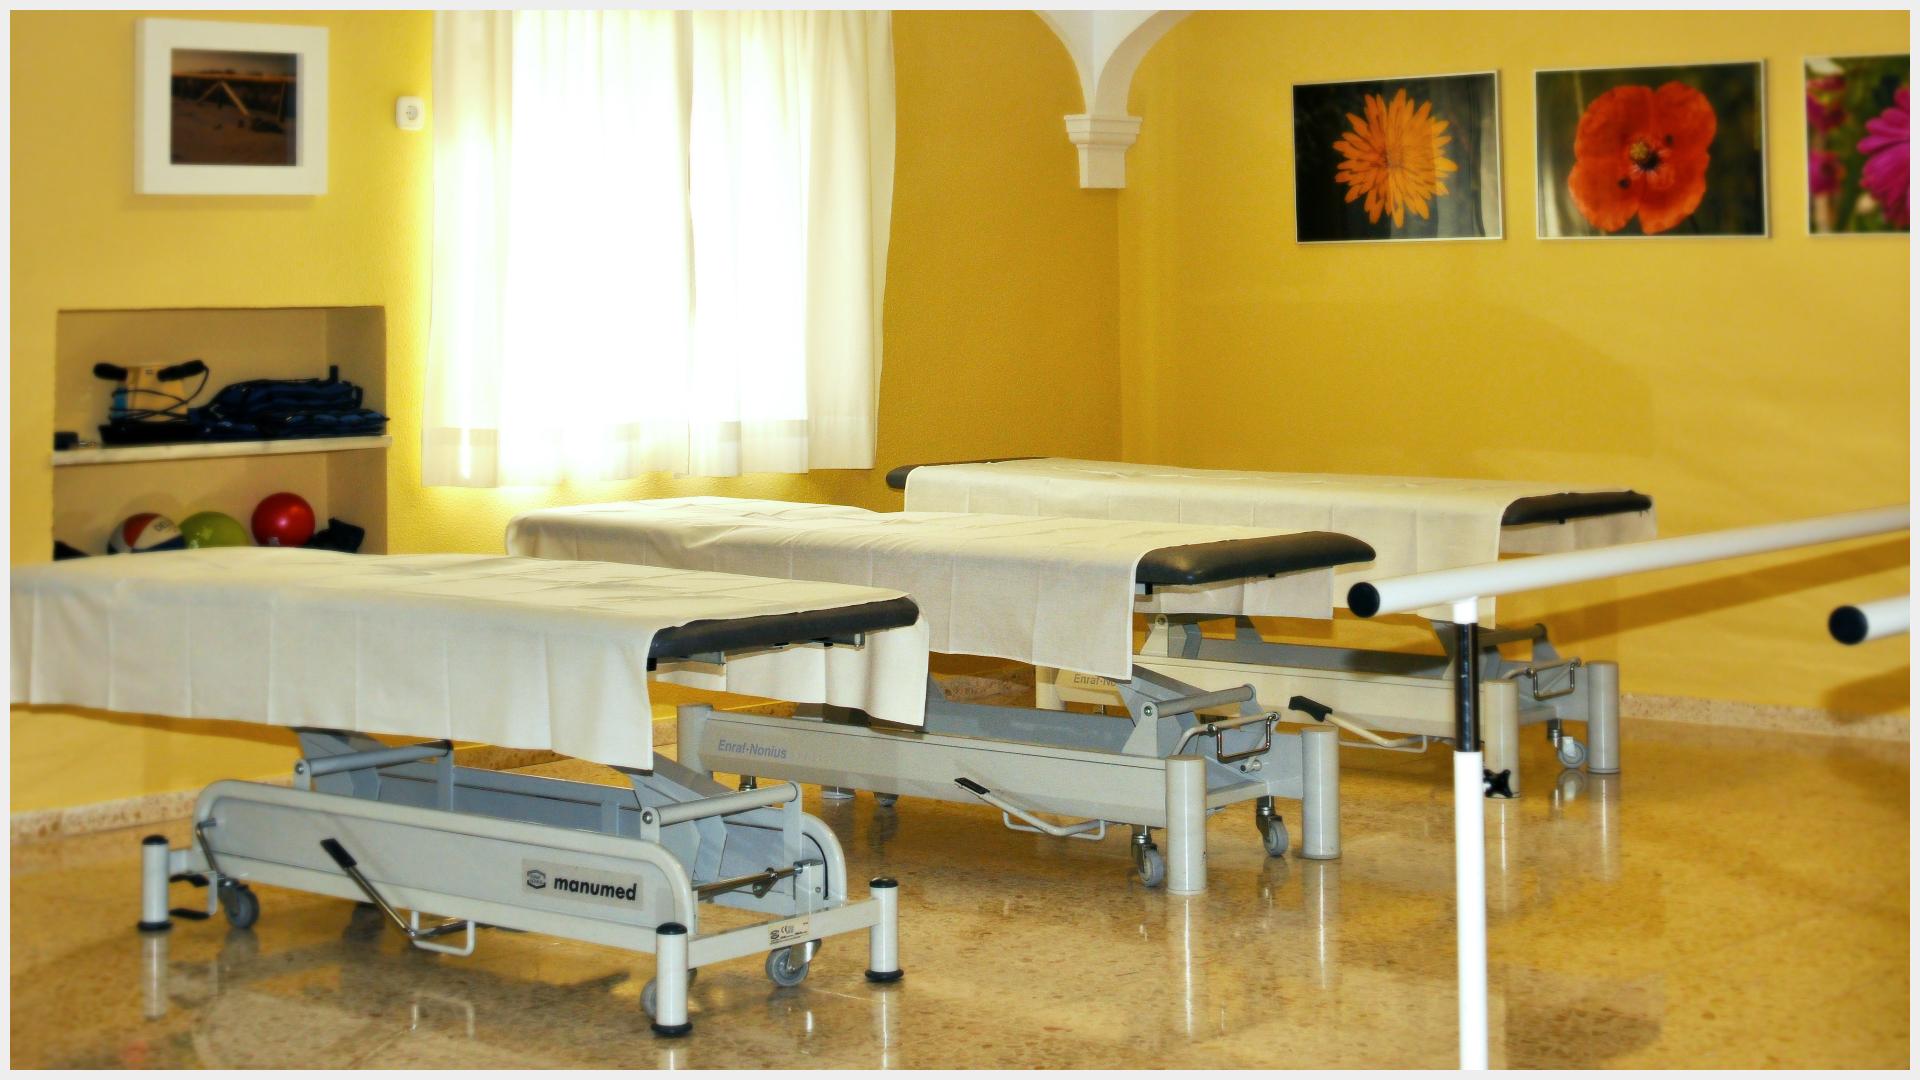 Espacios diáfanos con varios puntos de tratamiento por toda la sala.